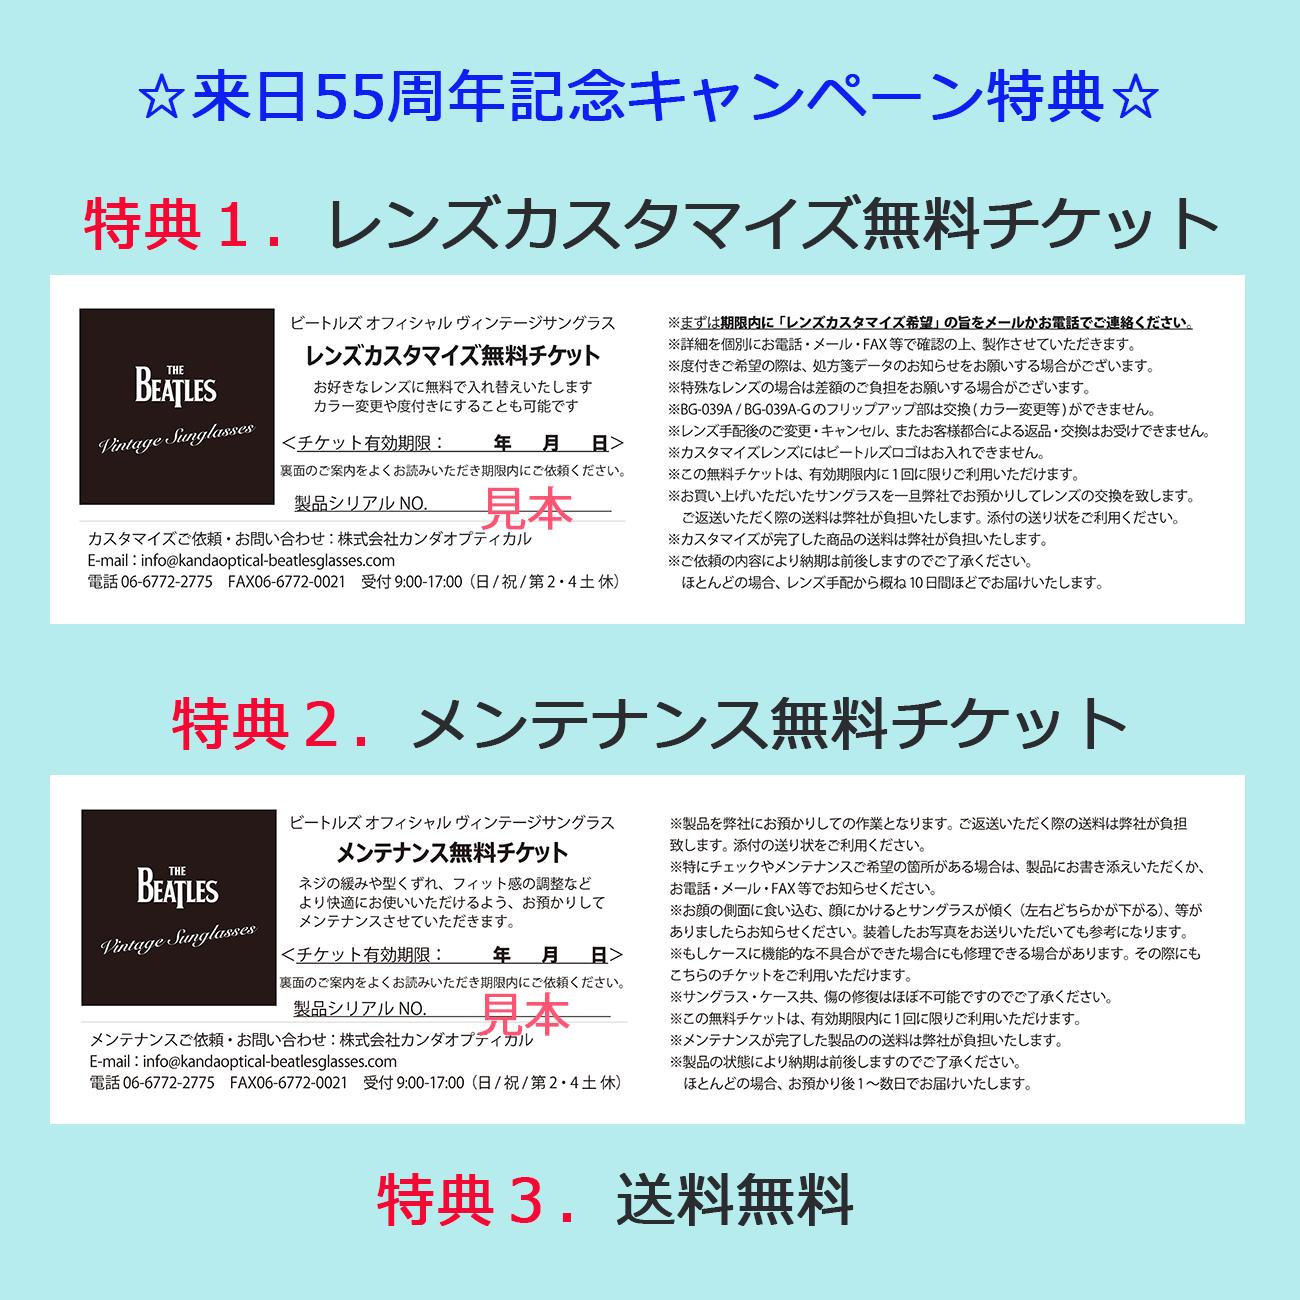 7/15販売開始!BG-039A★来日55周年記念キャンペーン★特典付